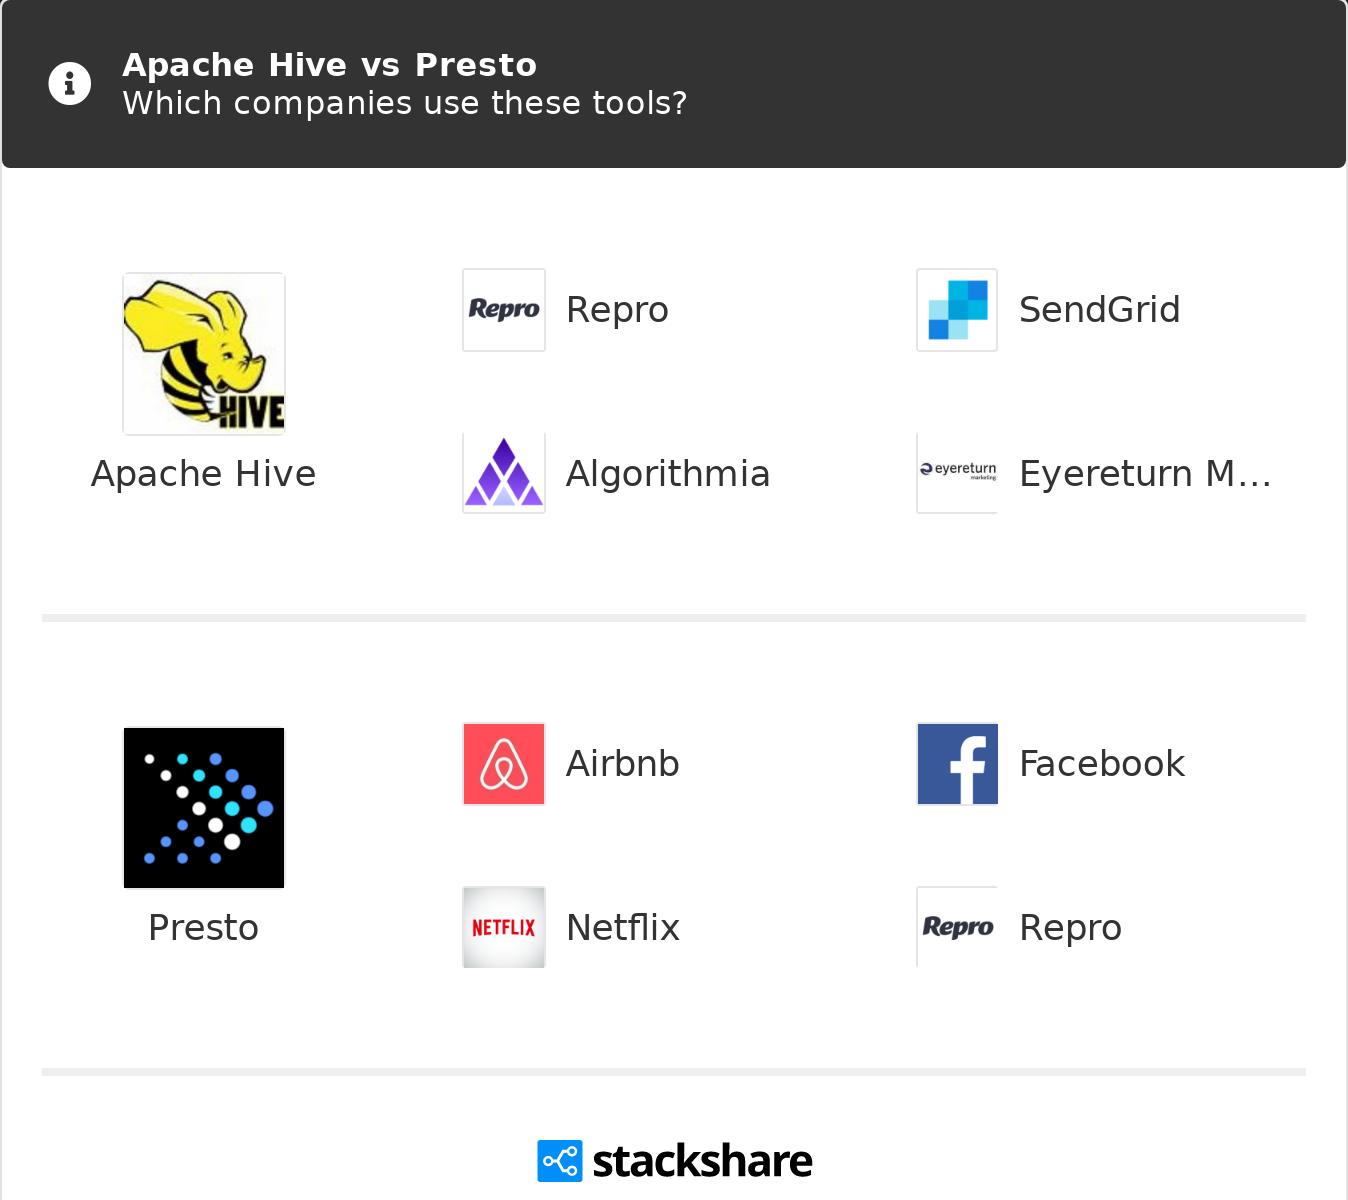 Apache Hive vs Presto | What are the differences?